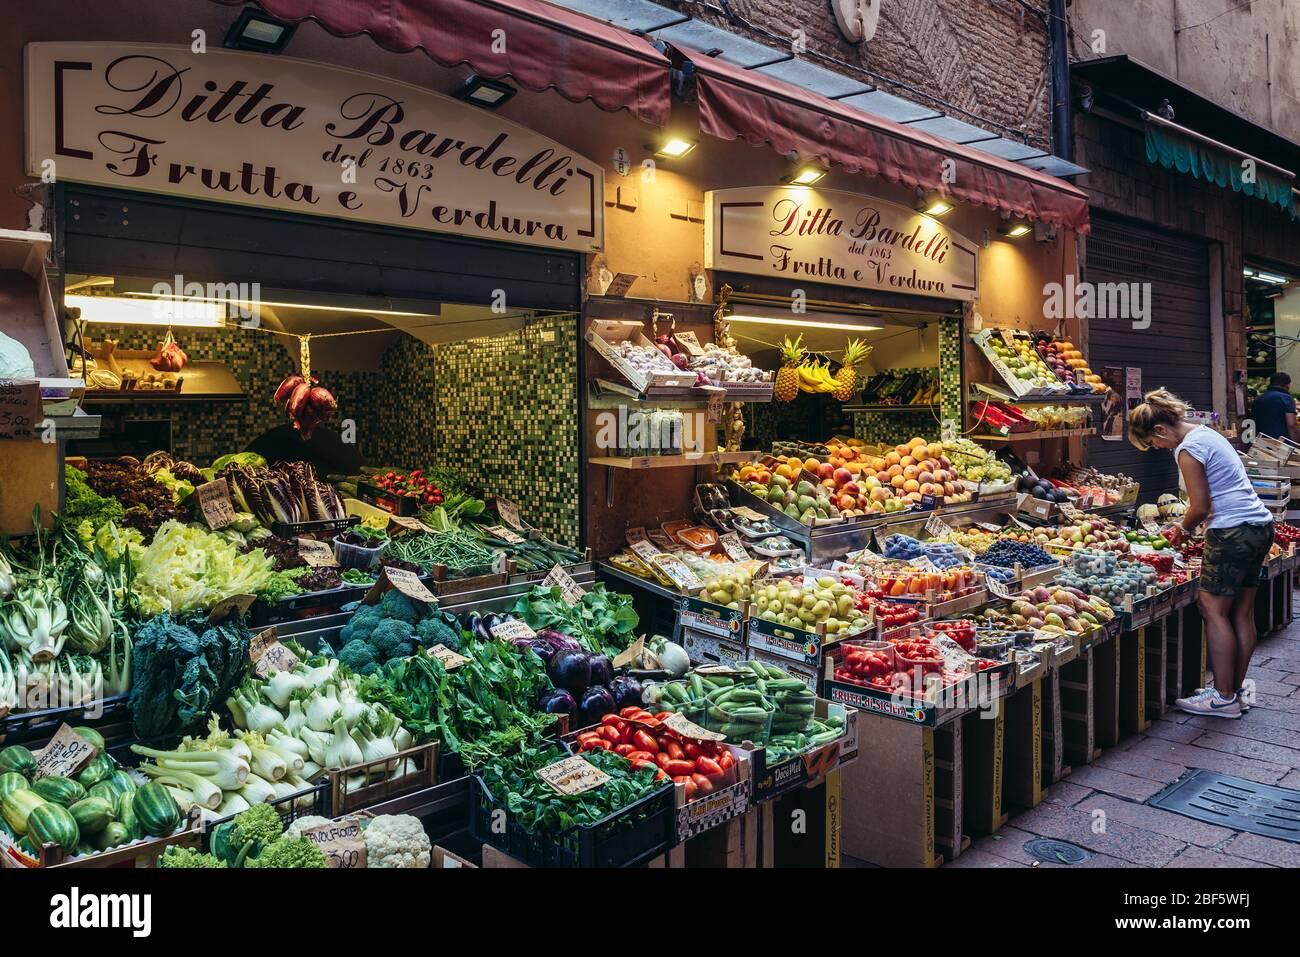 Ditta Bardelli Frutta E Verdura - Tienda de frutas y verduras en Bolonia, capital y ciudad más grande de la región de Emilia Romagna en el norte de Italia Foto de stock